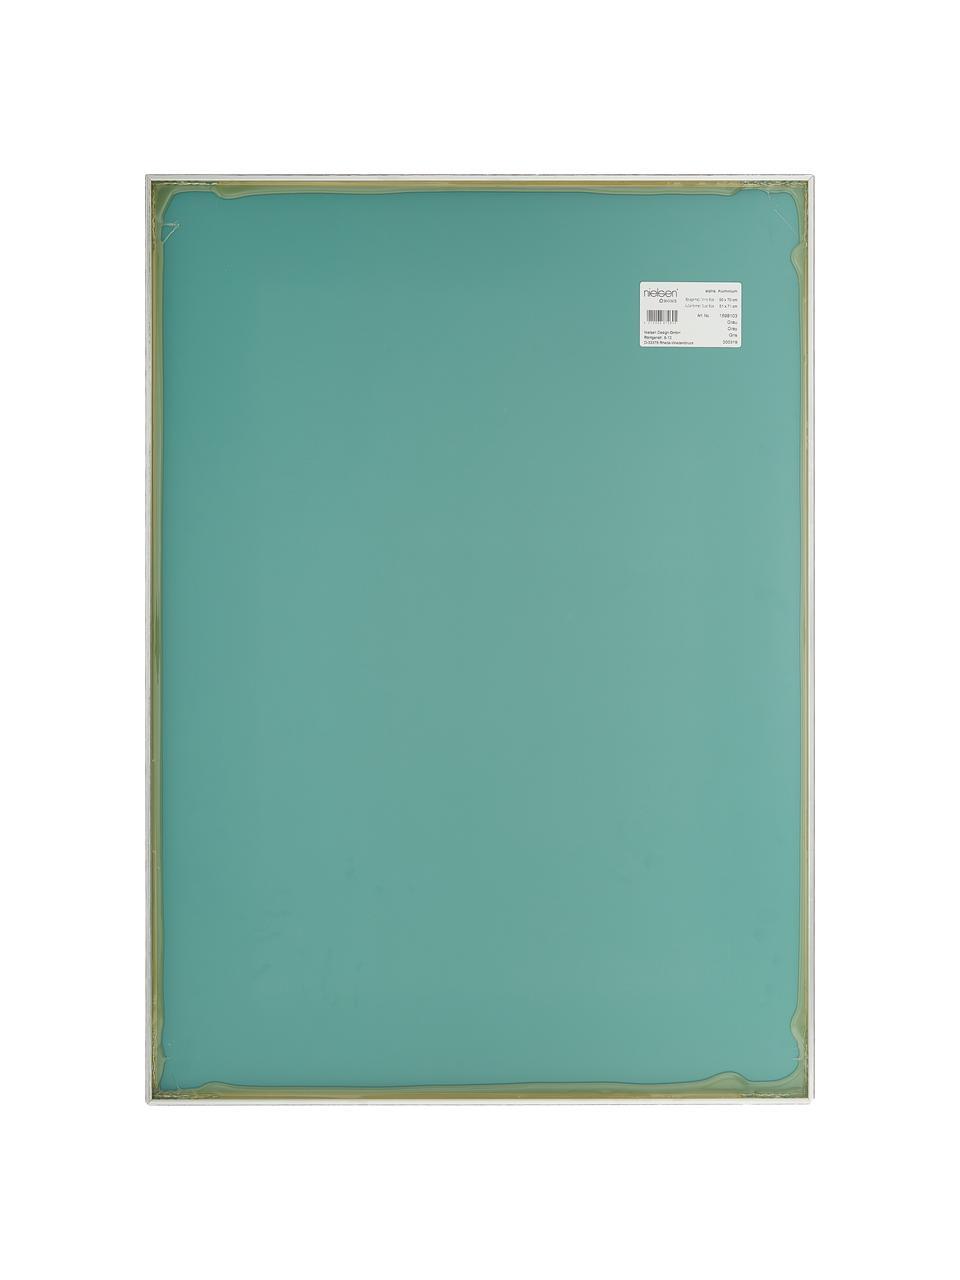 Specchio da parete con cornice in alluminio Alpha, Cornice: alluminio rivestito, Superficie dello specchio: lastra di vetro, Grigio, Larg. 50 x Alt. 70 cm